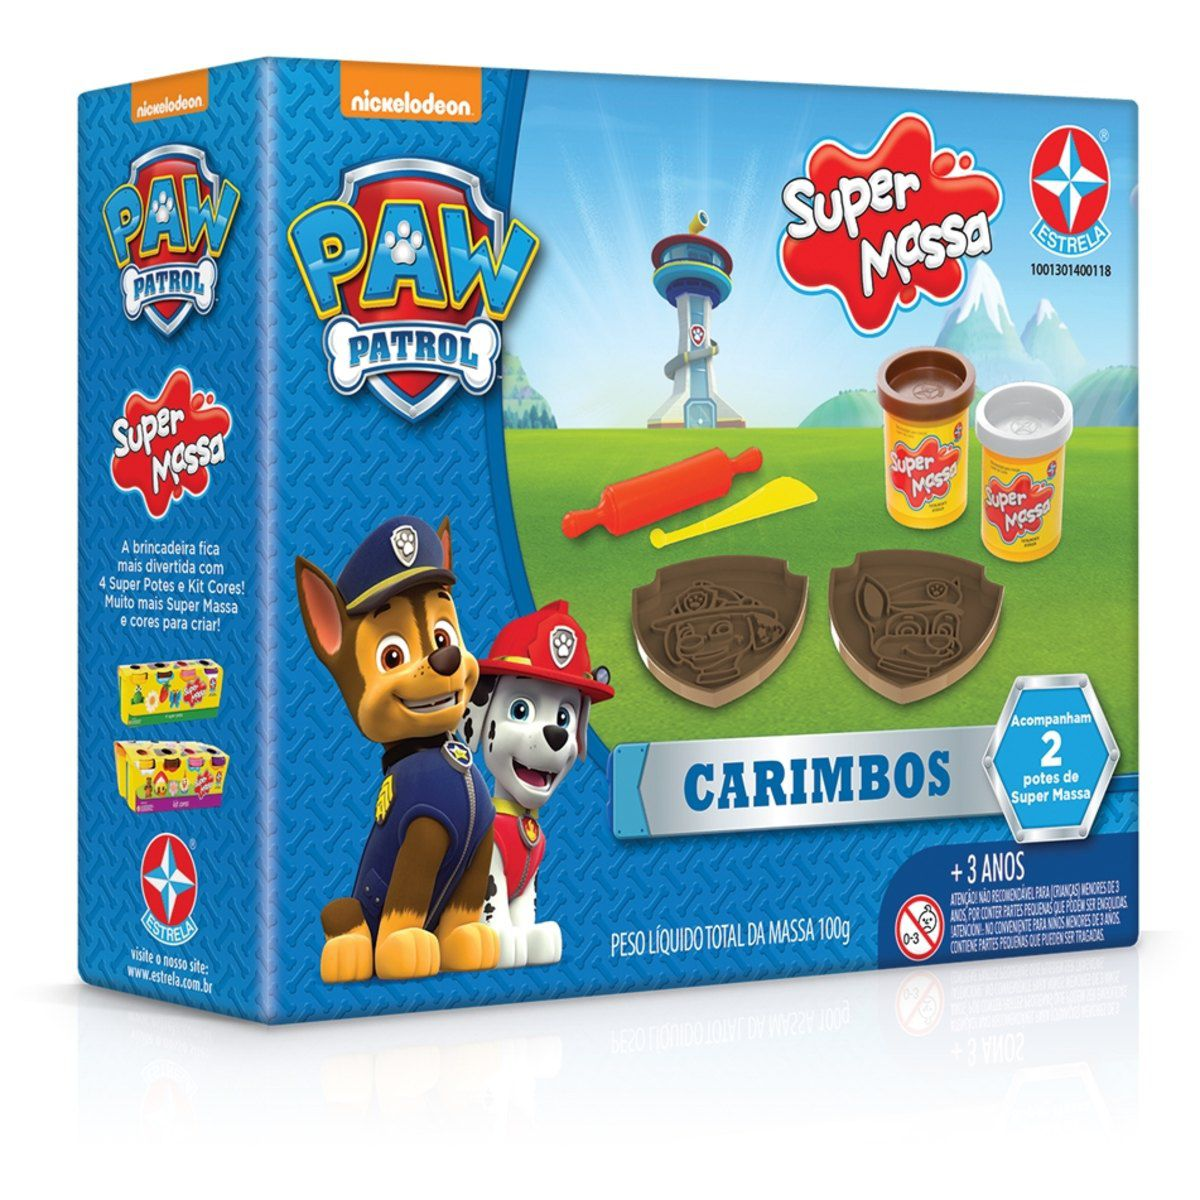 Super Massa Carimbos Patrulha Canina - Estrela